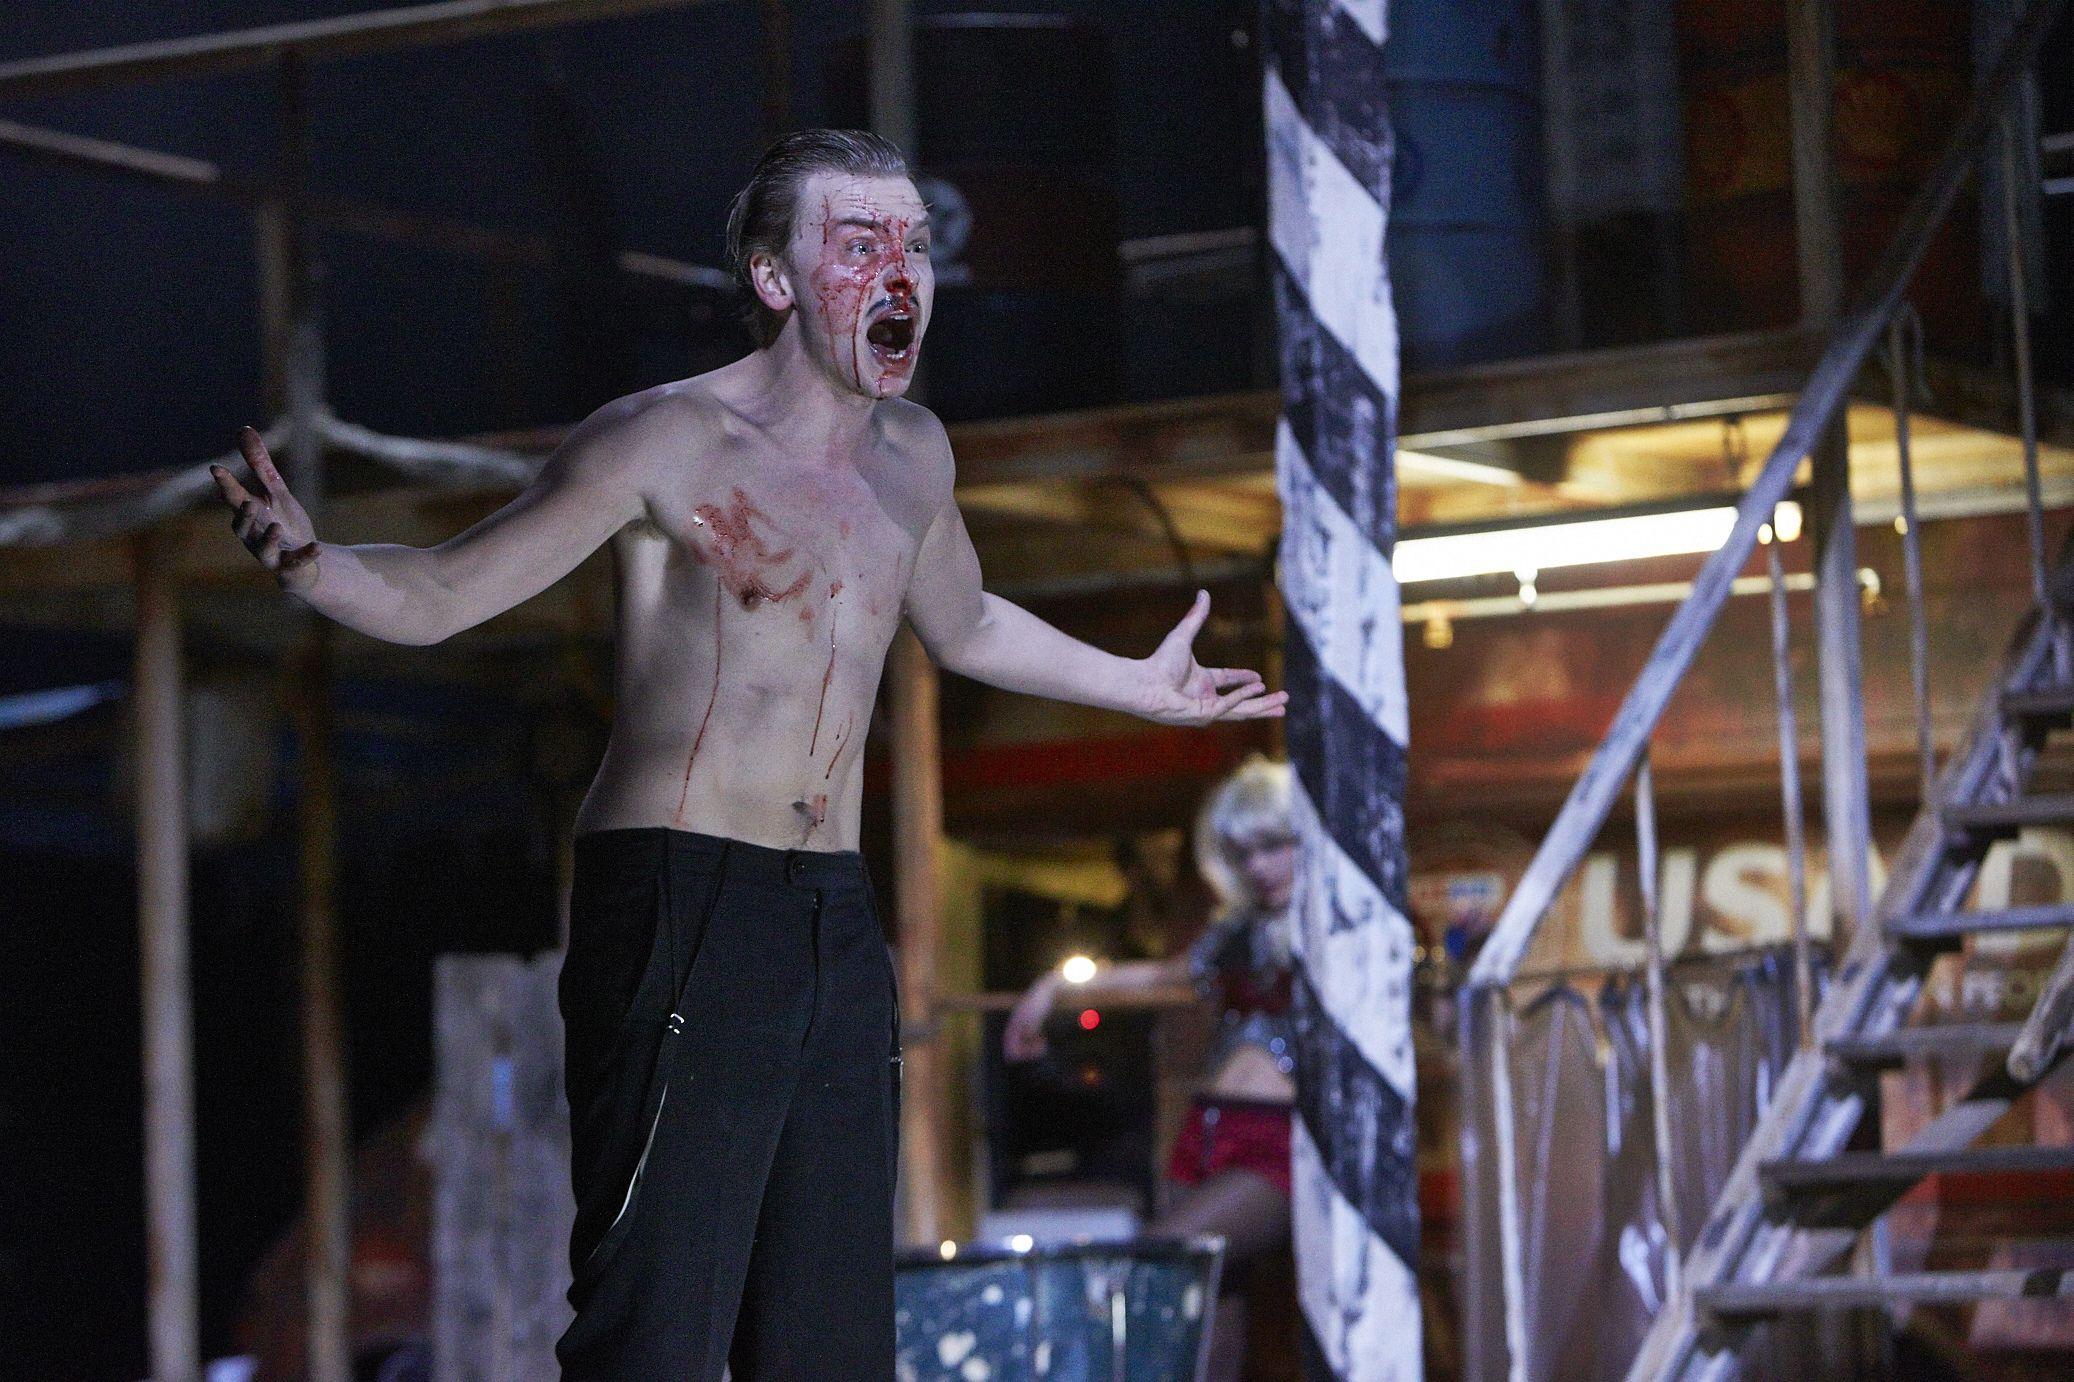 """Franz Pätzold in Louis-Ferdinand Célines """"Reise ans Ende der Nacht"""" von Frank Castorf #Reise #Buehne #Resi #Residenztheater #Theater #Castorf #Theatertreffen #TT14 (c) Matthias Horn"""